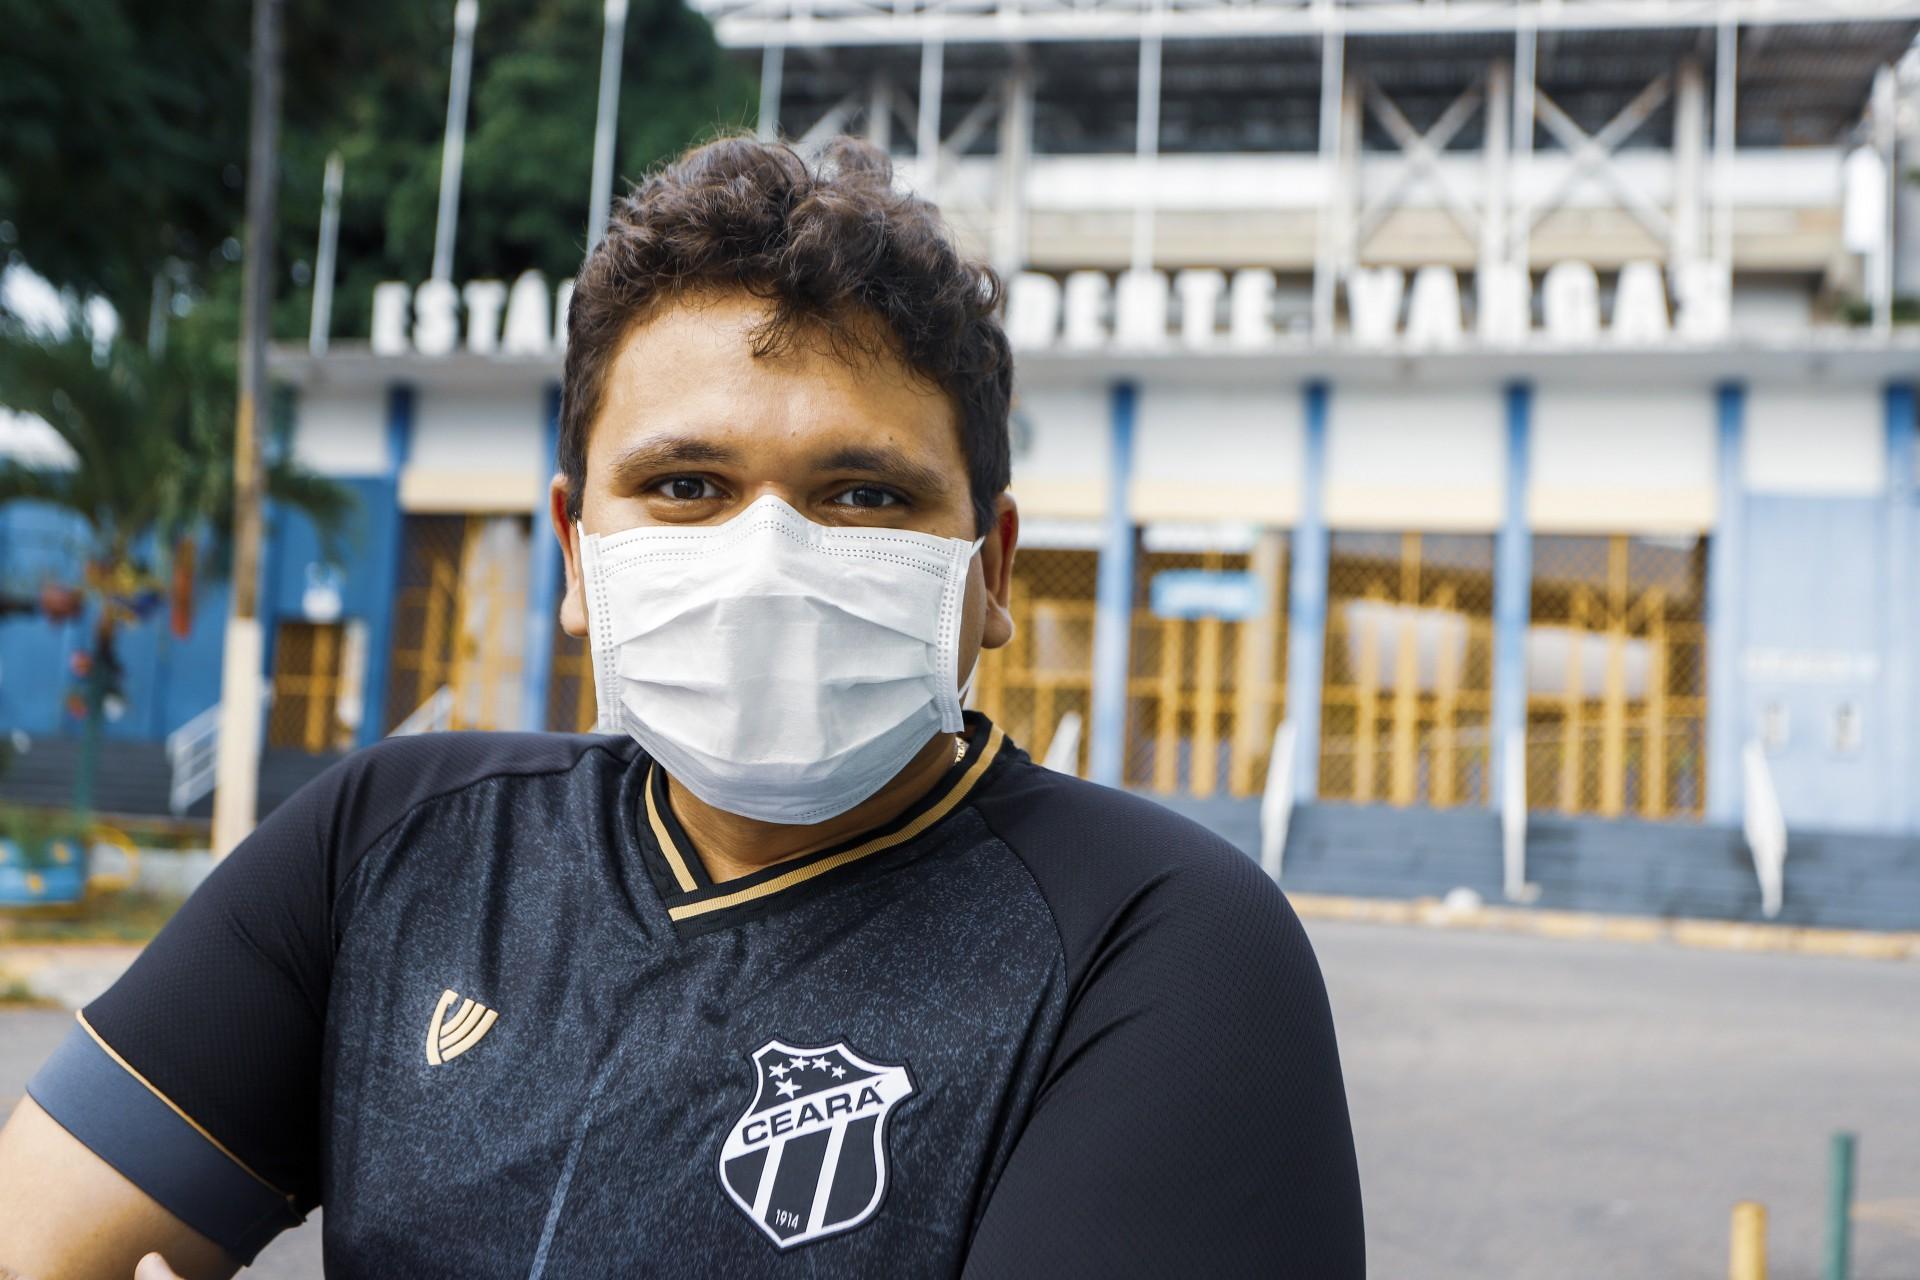 Fortaleza, Ce, BR 09.04.21- Aniversário de Fortaleza - Na foto o médico torcedor do Ceará Thomas Feitosa em visita ao Estádio Presidente Vargas fechado por causa da pandemia do coronavirus  (Foto: Fco Fontenele/O POVO) (Foto: FCO FONTENELE)